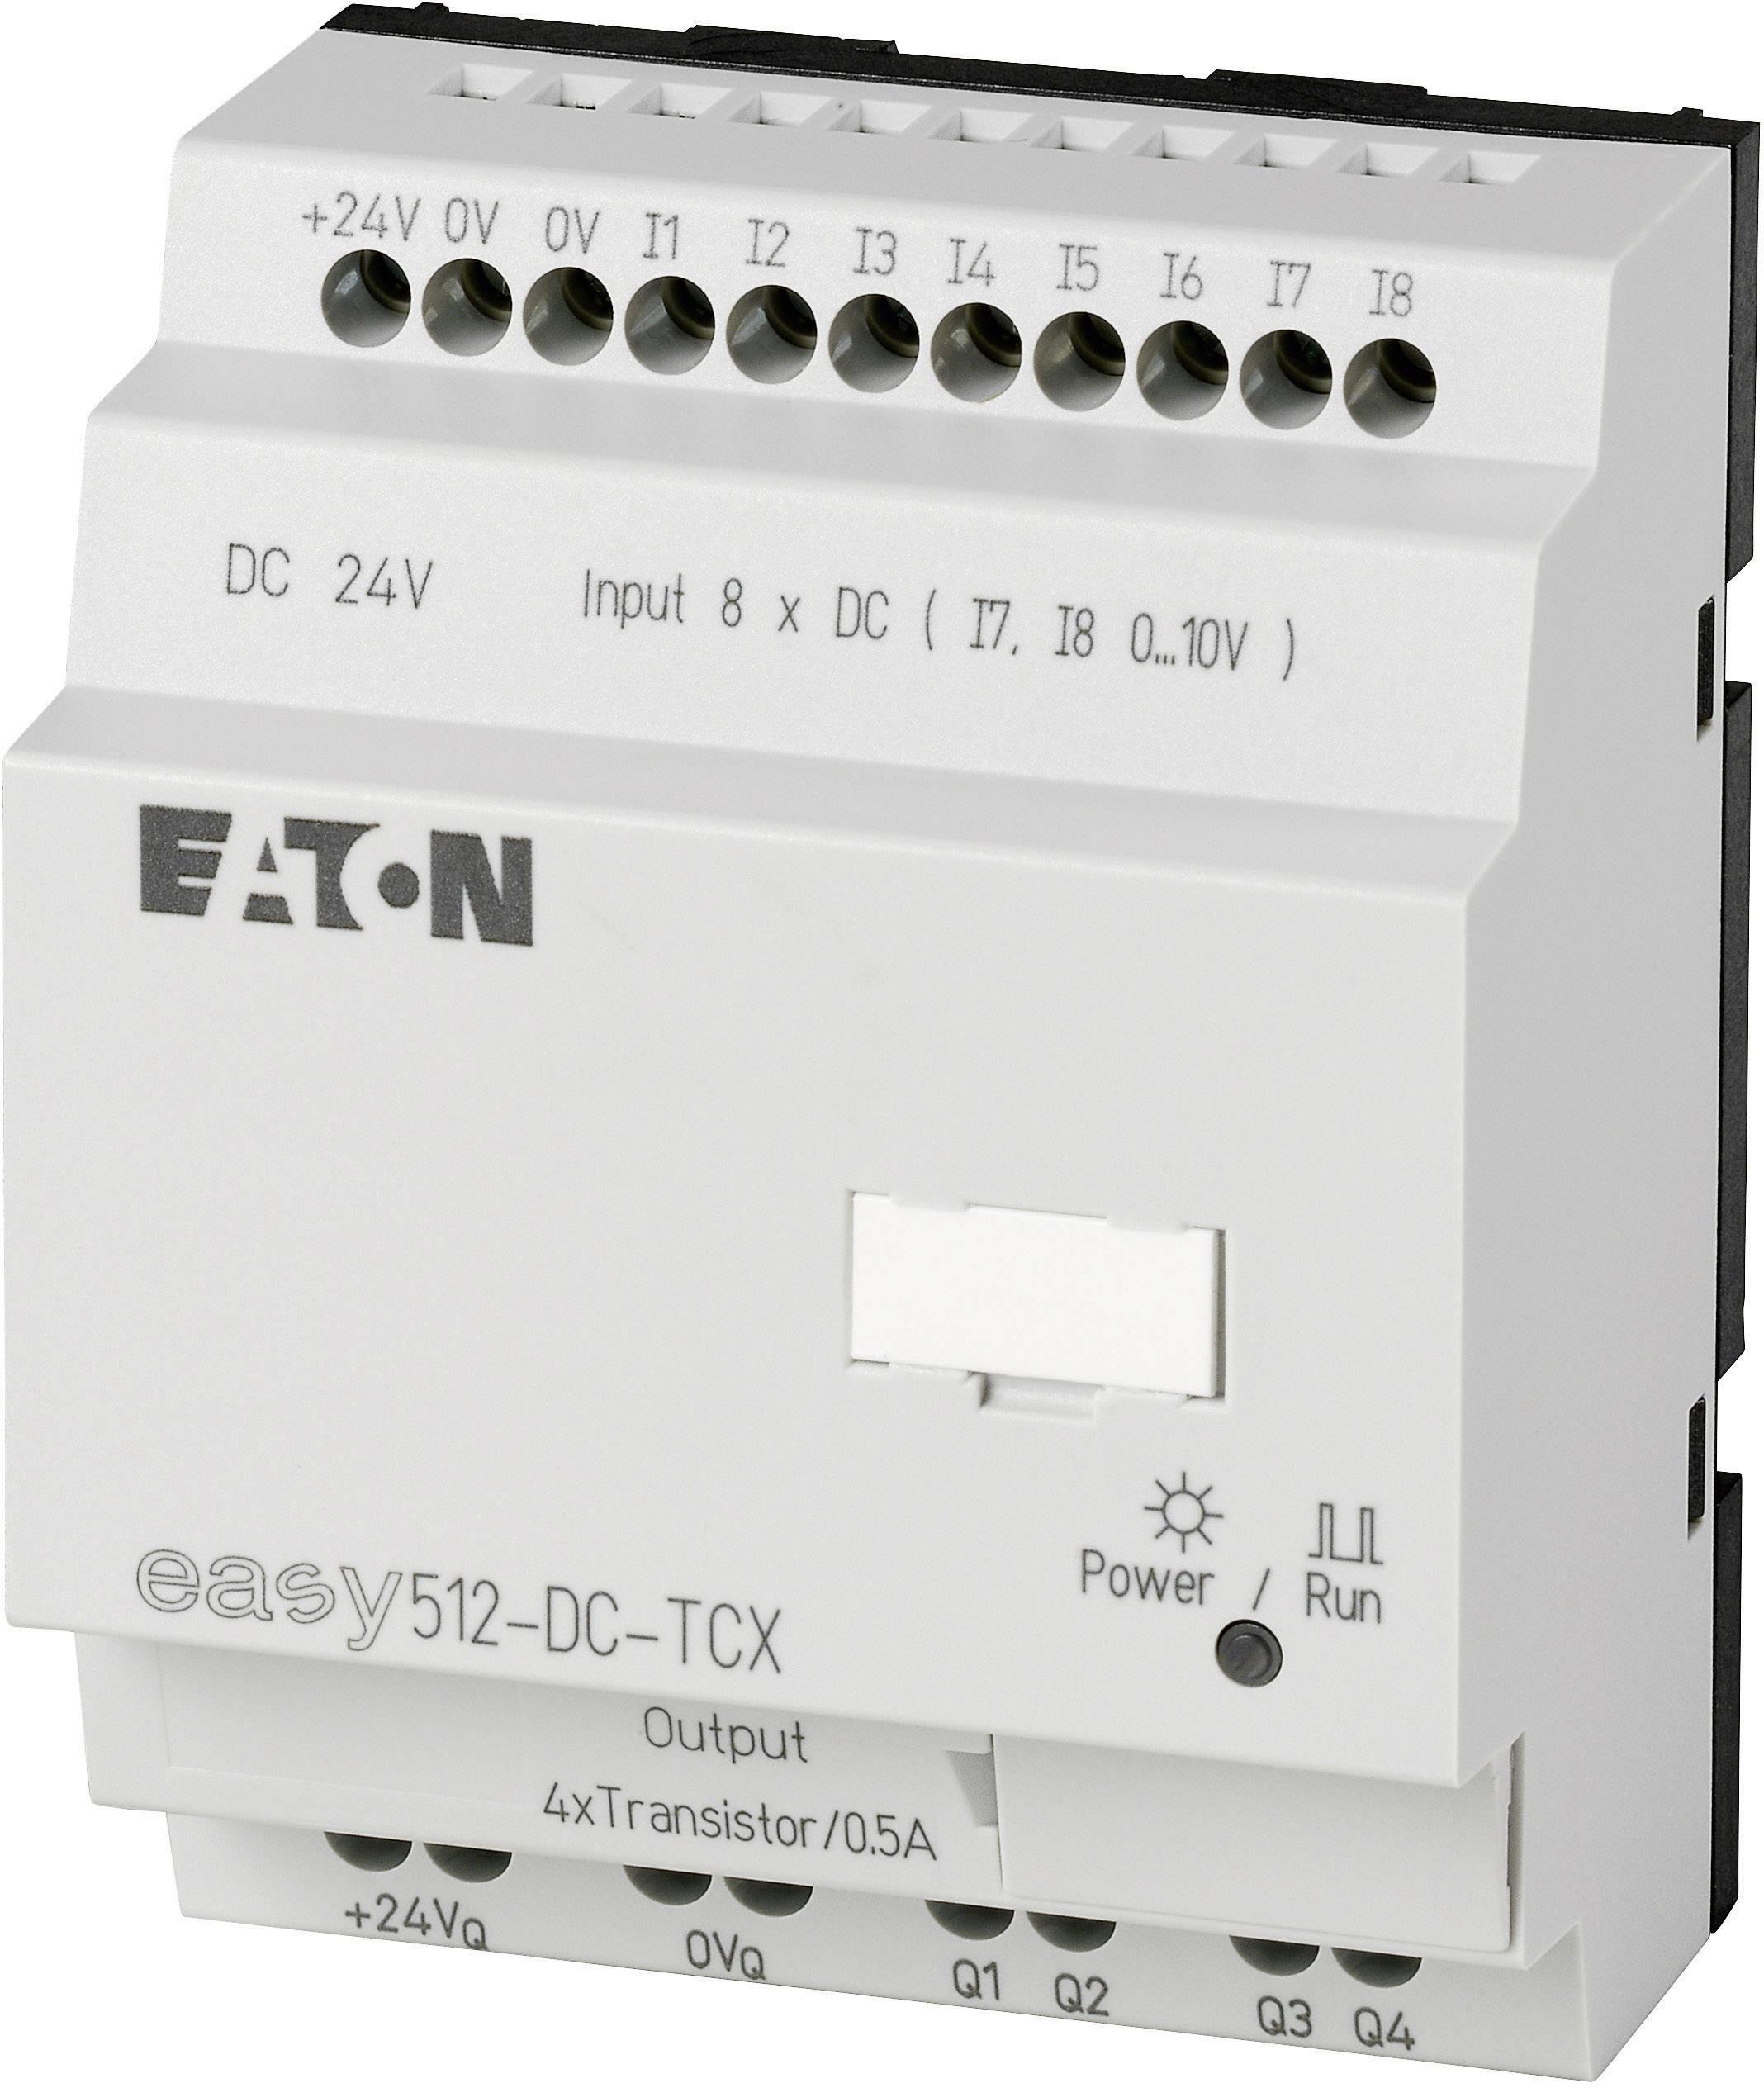 Riadiacimodul Eaton easy 512-DC-TCX 274112, 24 V/DC